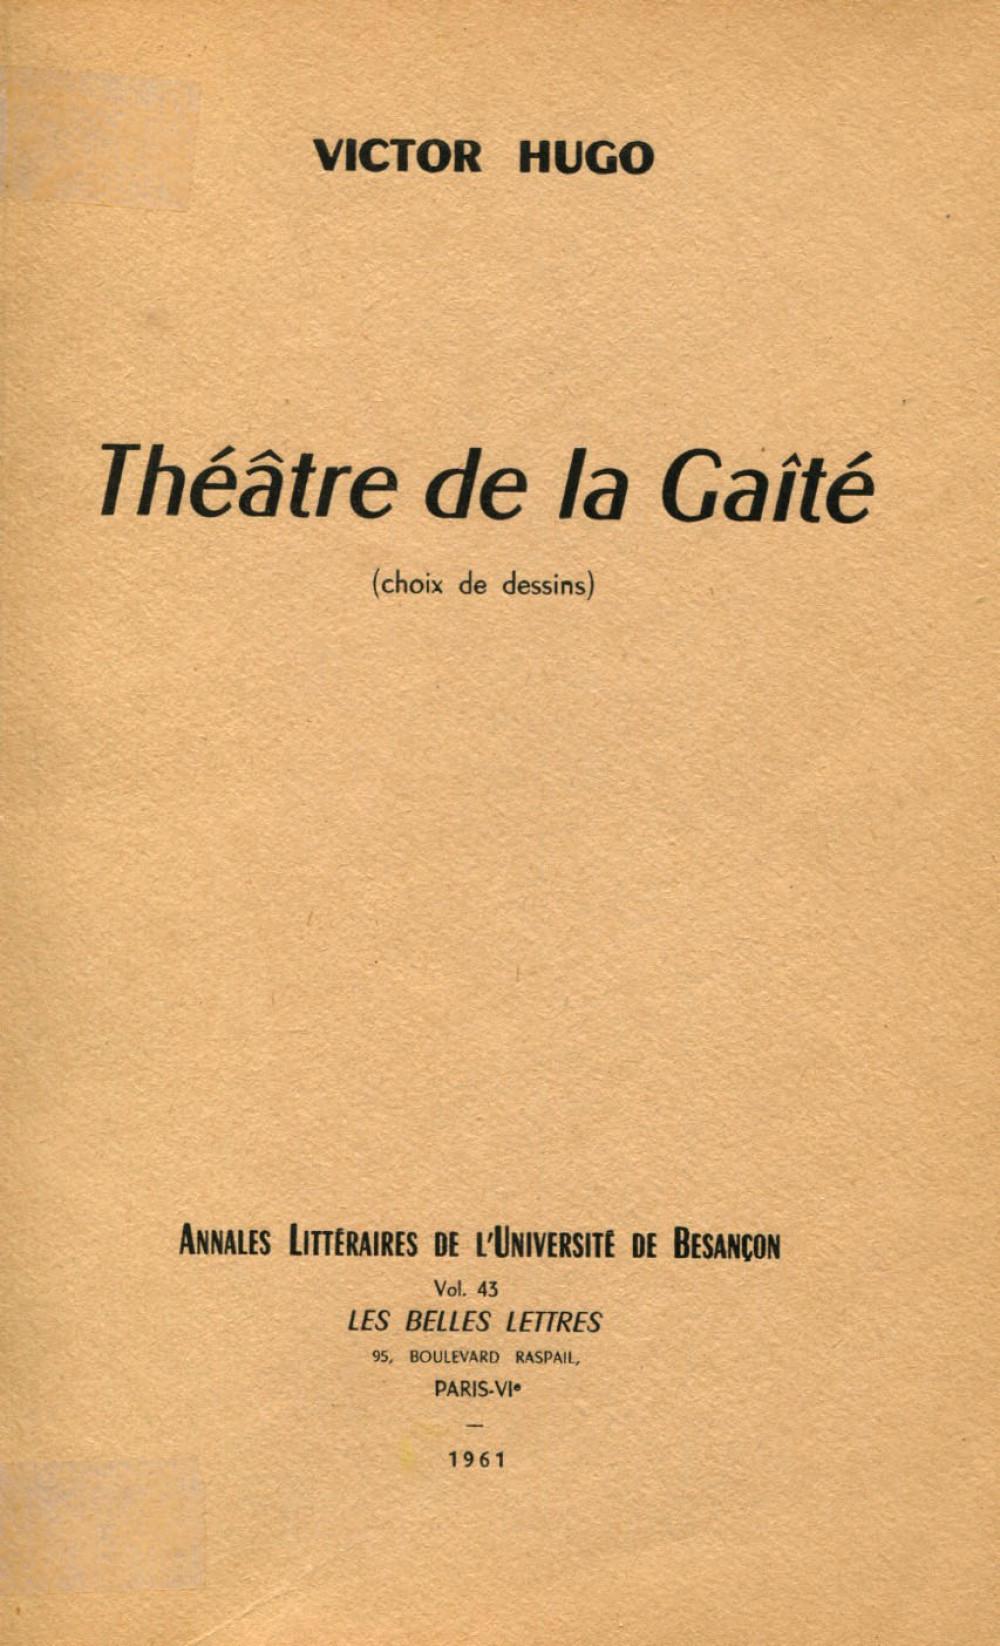 Victor Hugo, Théâtre de la gaieté